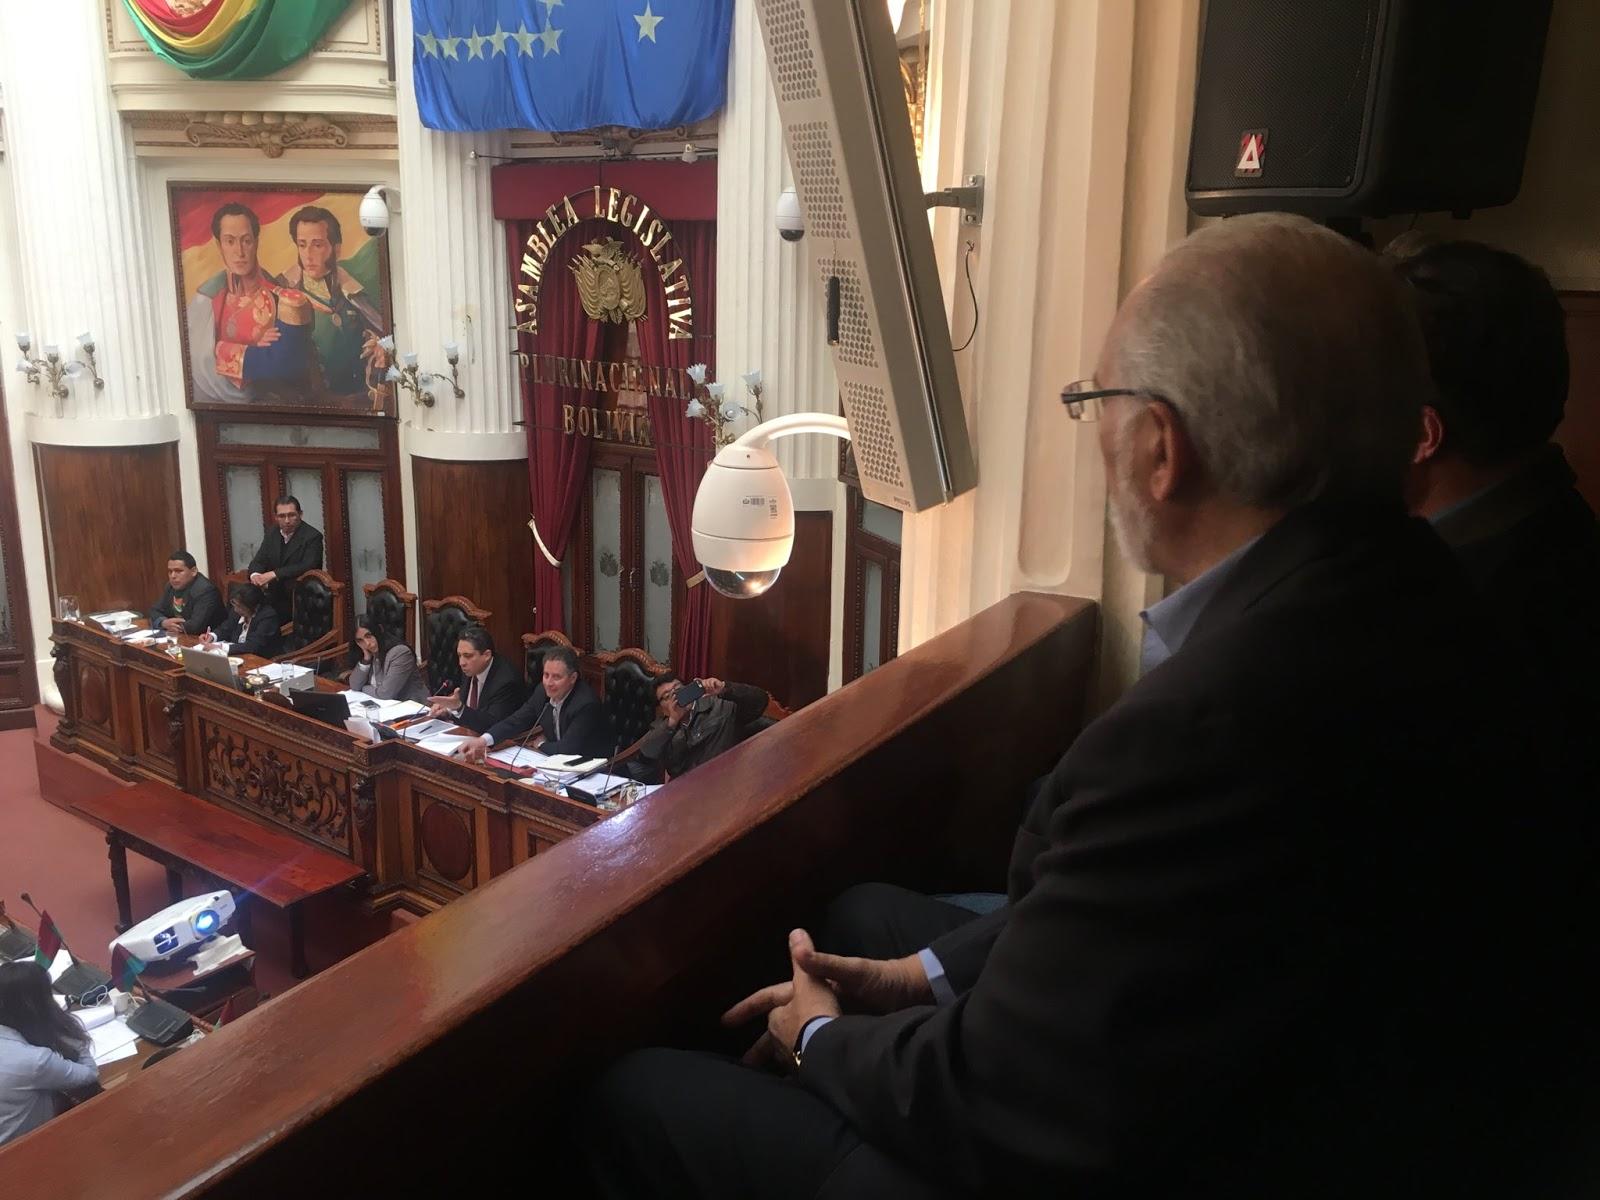 Mesa asistió la pasada semana a la interpelación oficialista de dos ministros / TWITTER